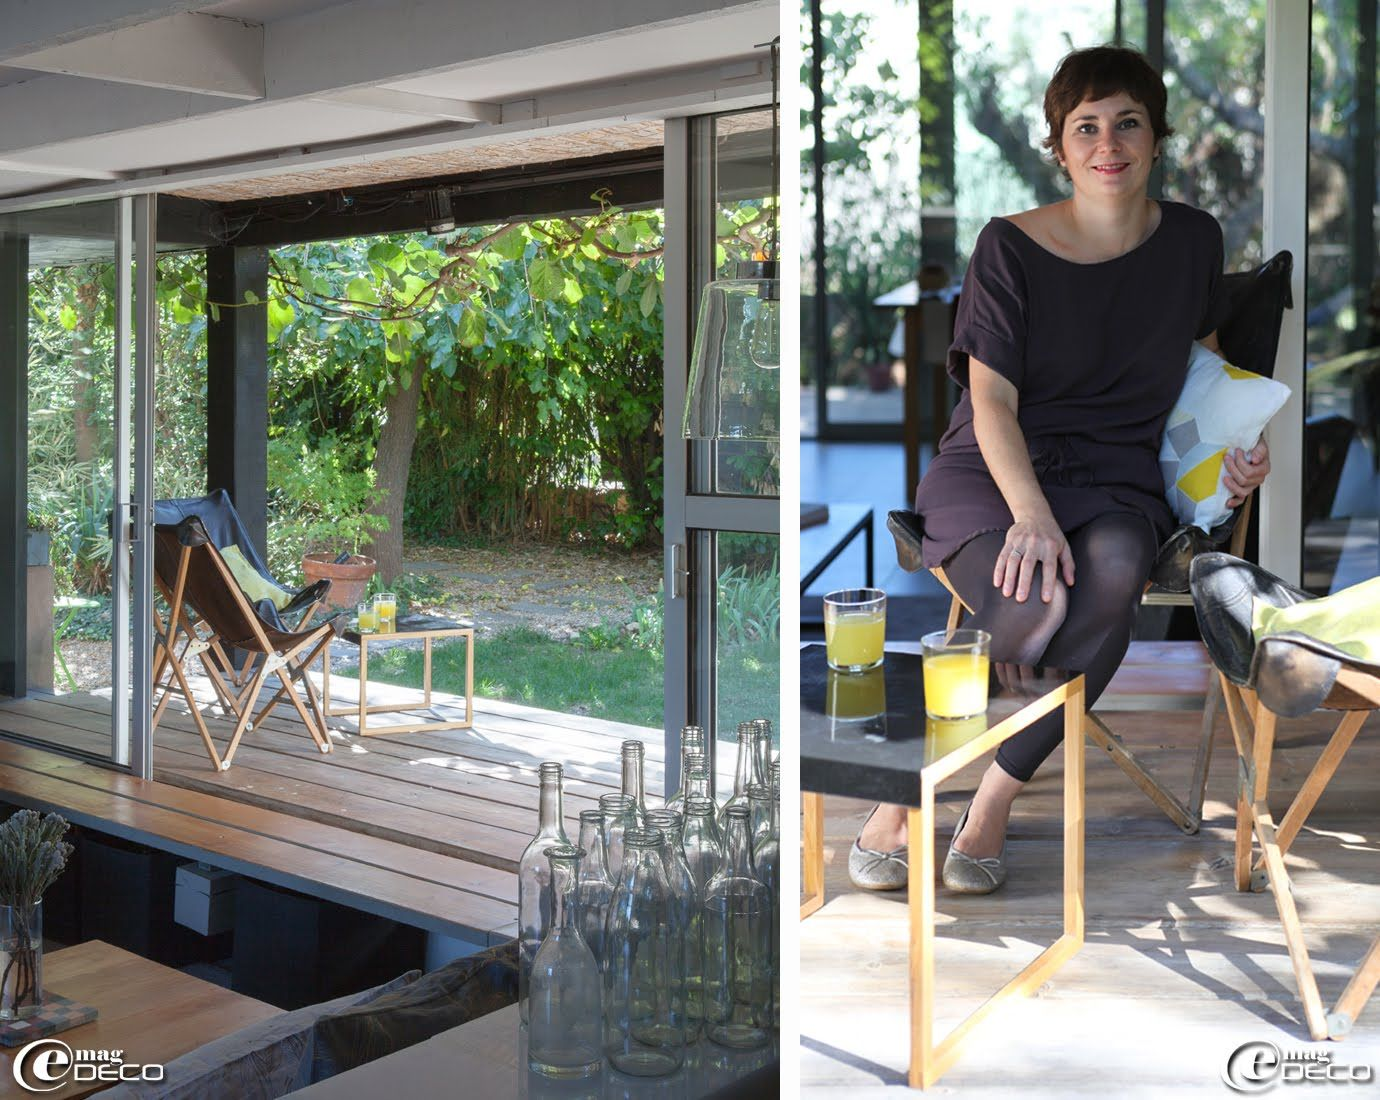 Salon De Jardin Chloé chloé sanier, créatrice de la marque marcelise